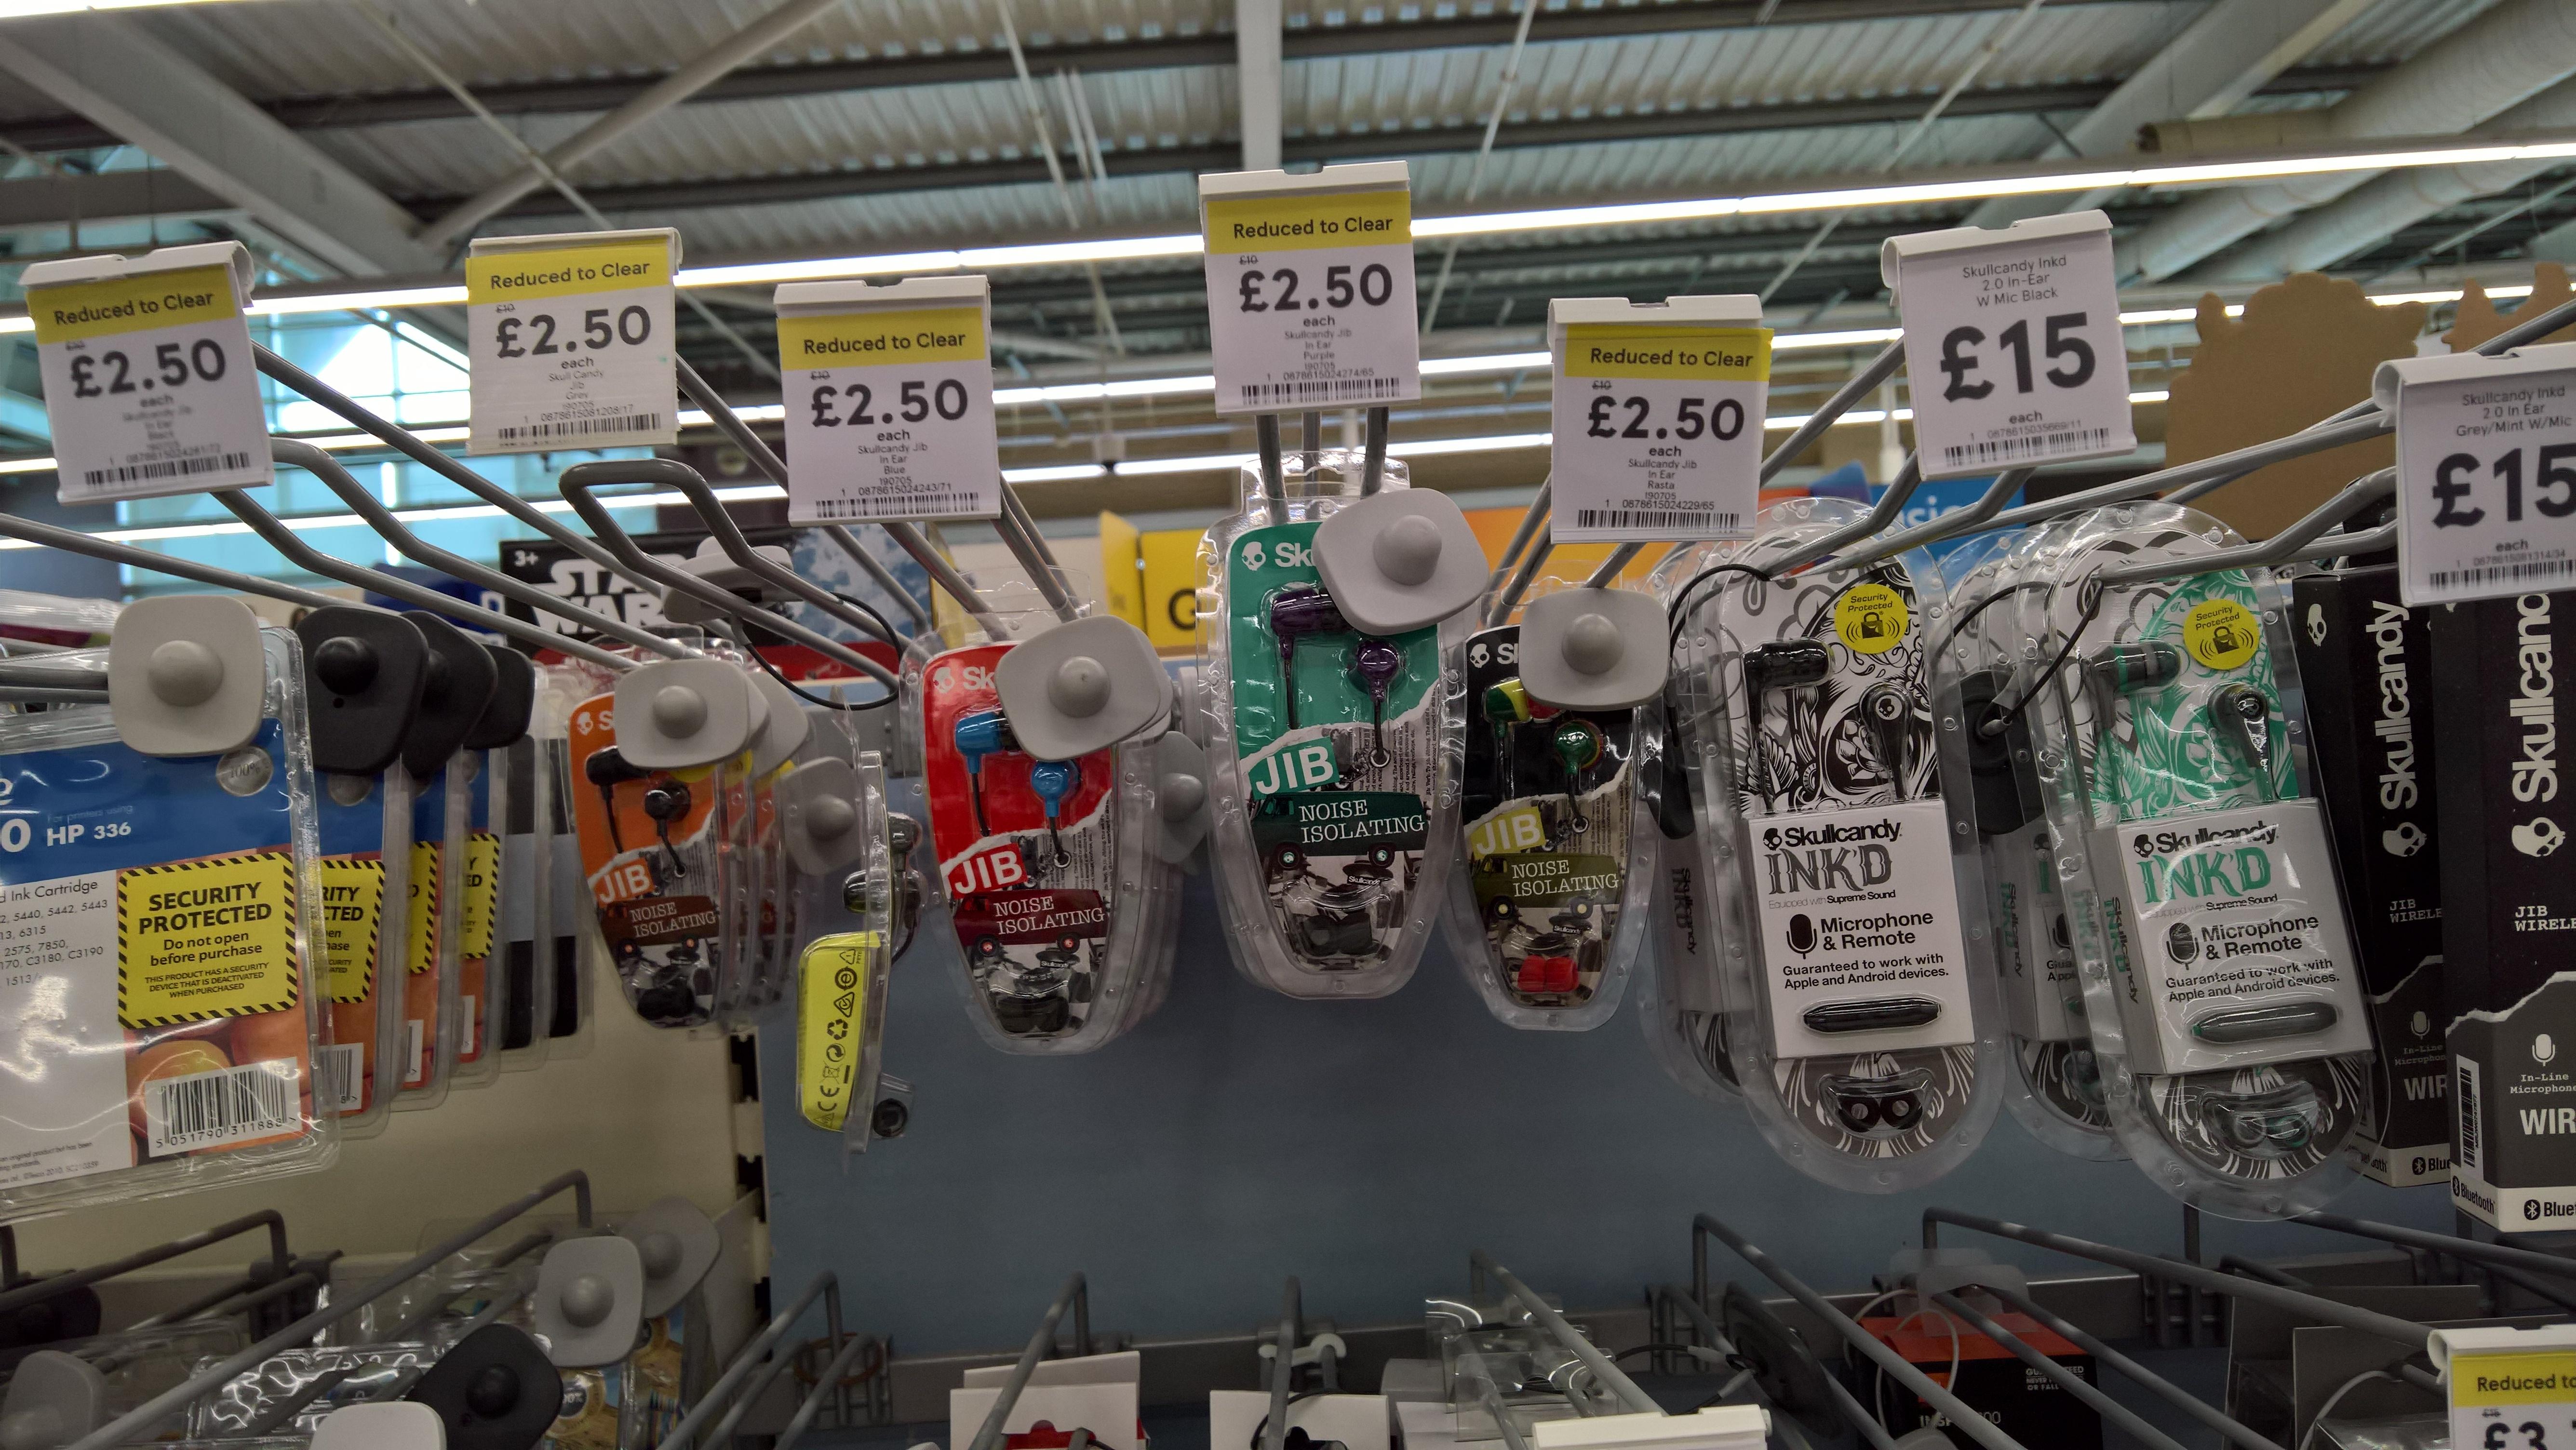 Skullcandy Jlb noise isolating in ear headphones £2.50 - Tesco Northallerton